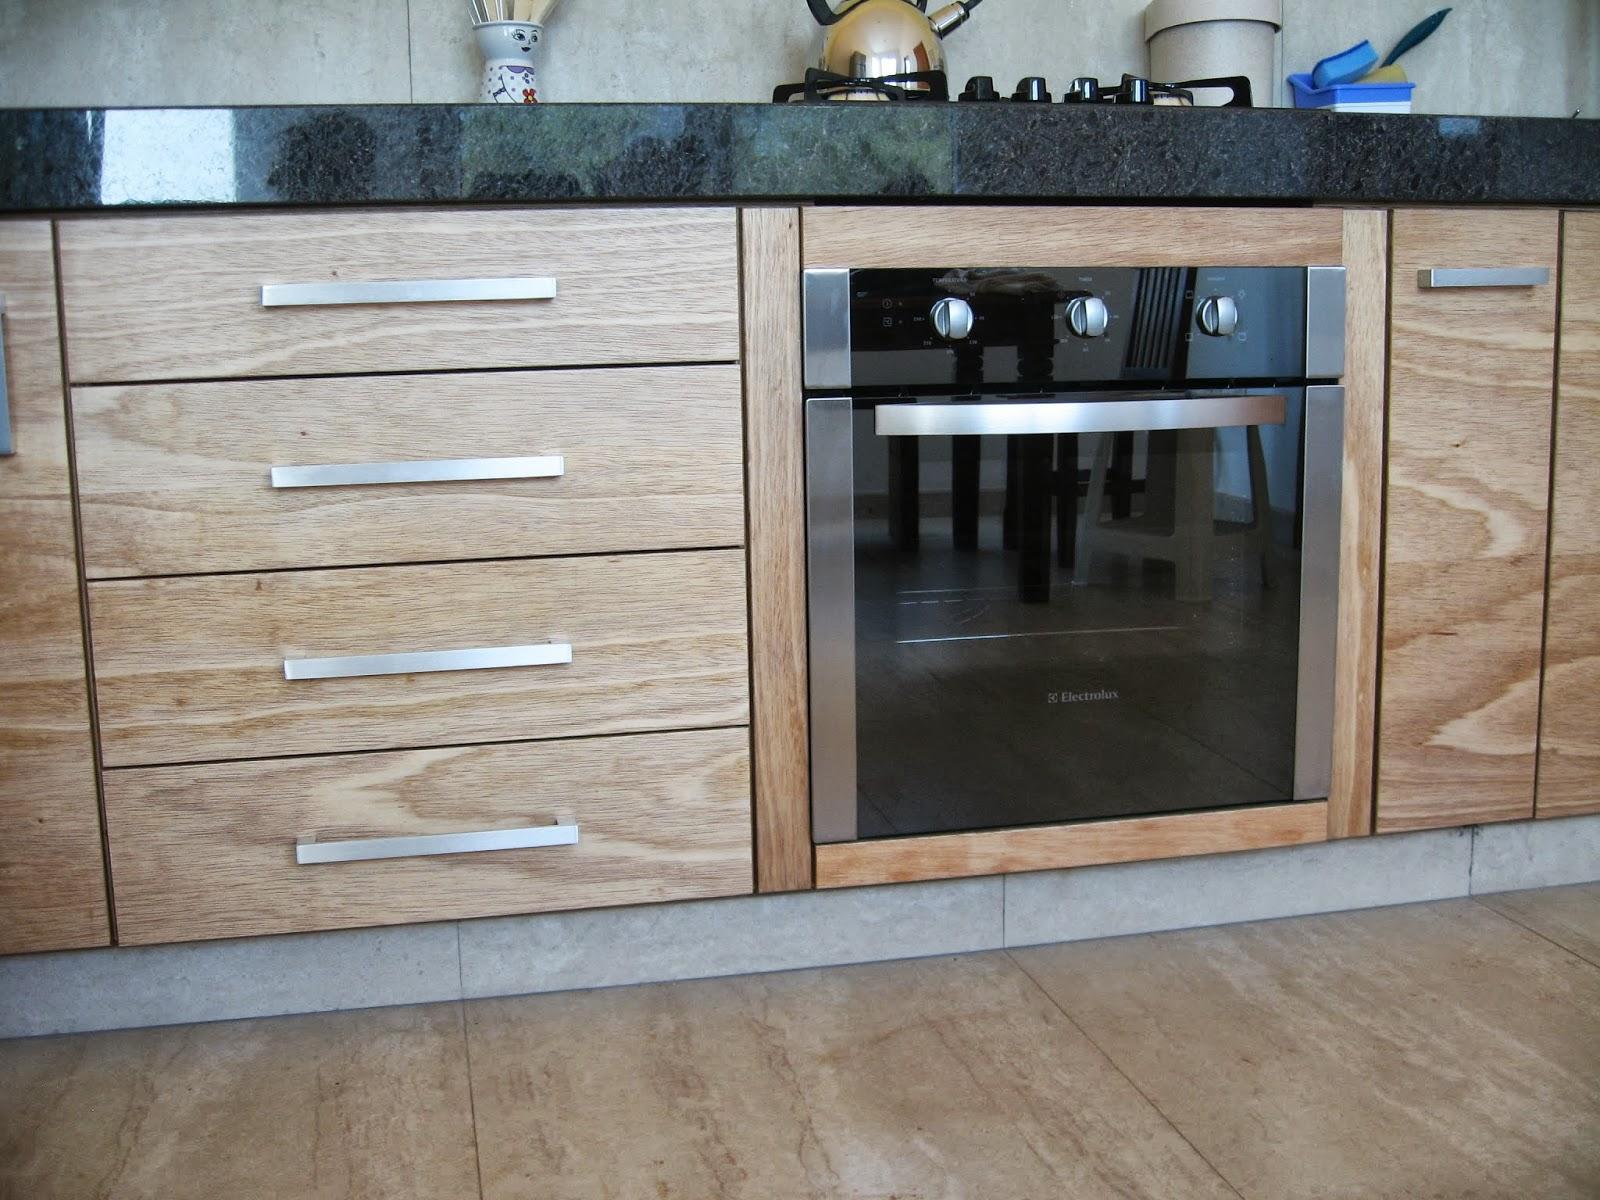 Verde Verniz: Cozinha em compensado naval envernizado com verniz PU #394D60 1600x1200